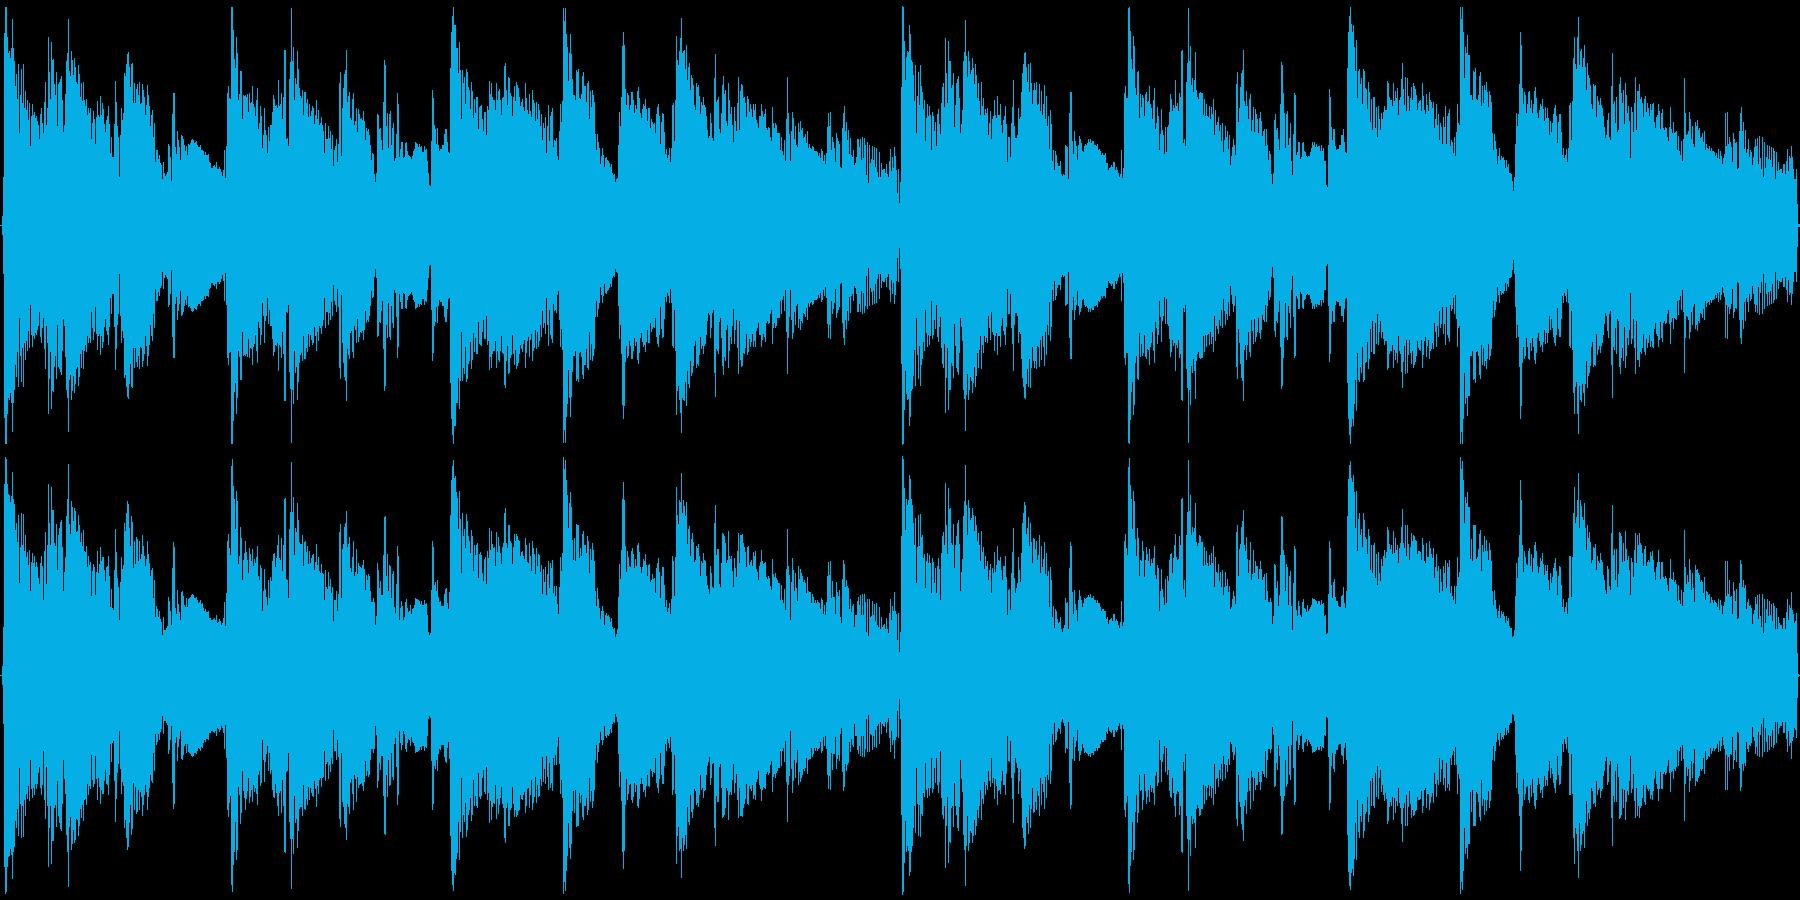 【サックス/JAZZ/ショートジングル】の再生済みの波形